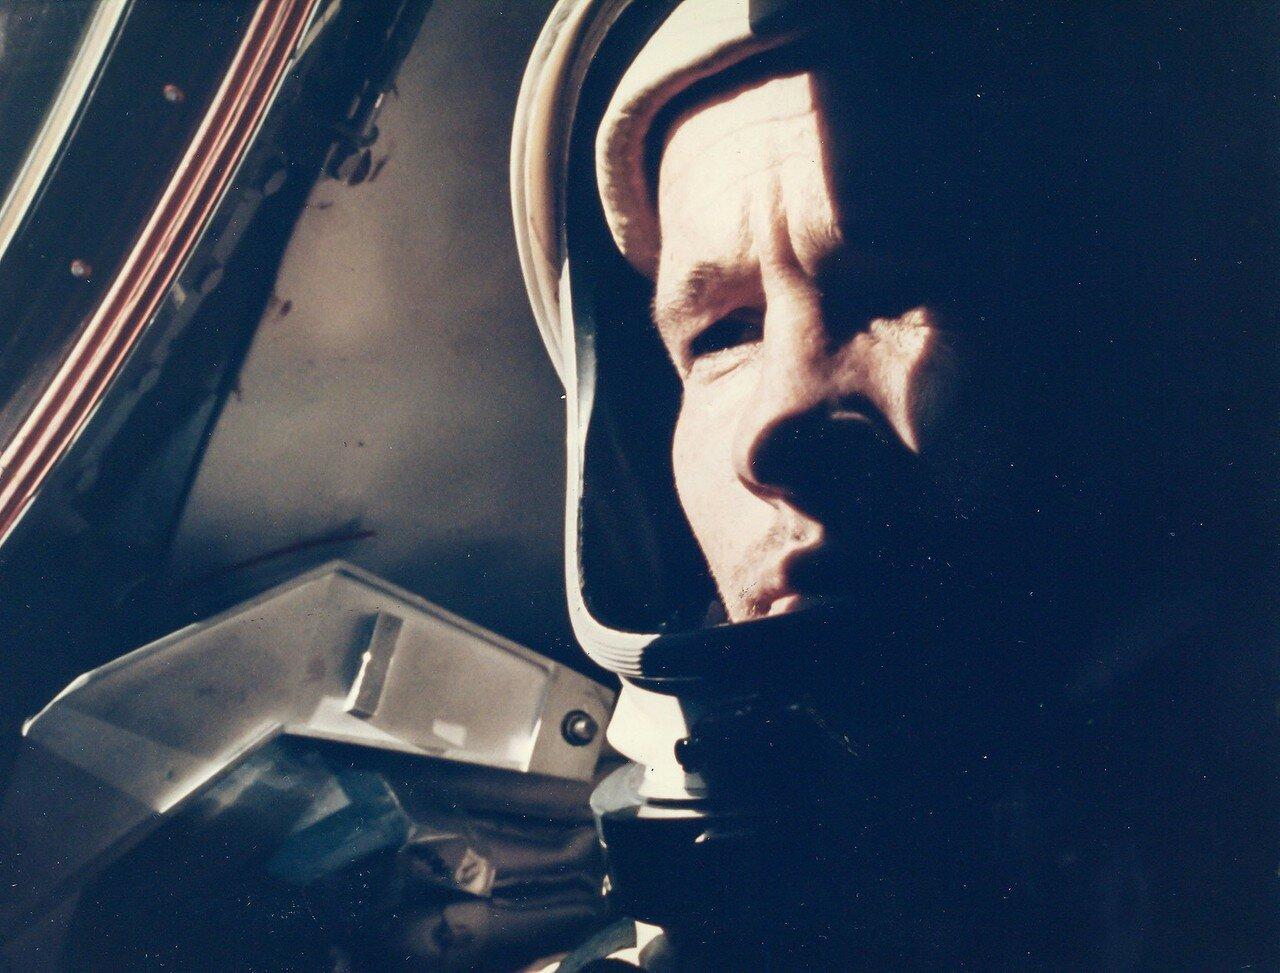 33. 1965, 3 июня. Первый выход американского астронавта в открытый космос. Ред Уайт уплывает от космического корабля «Джемини»-4